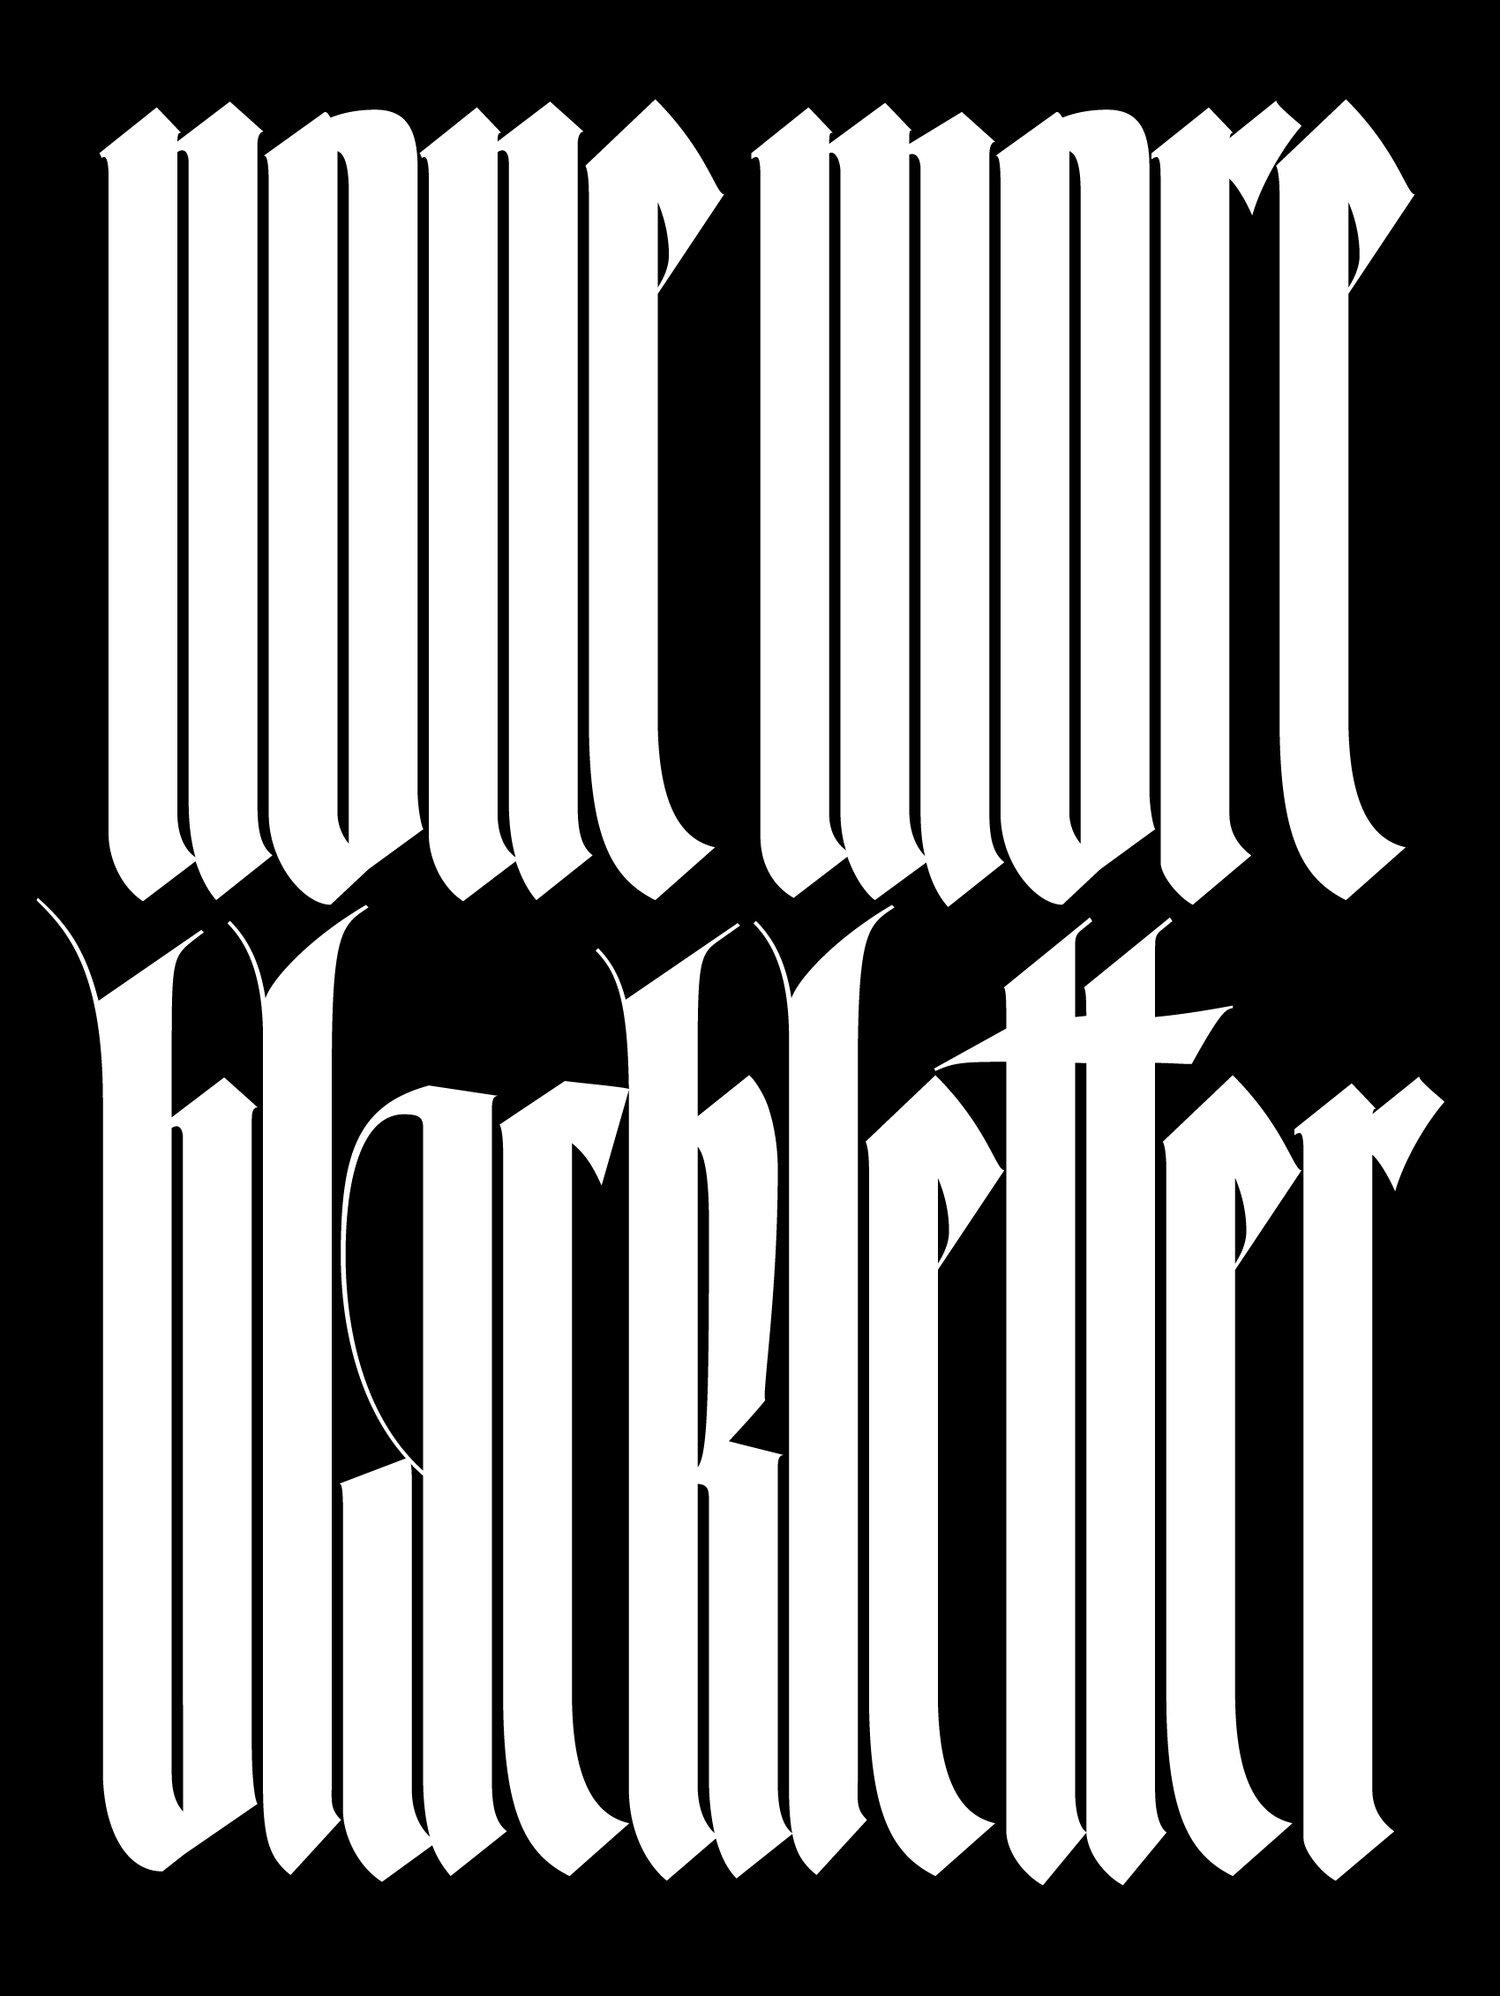 Sketler-typeface